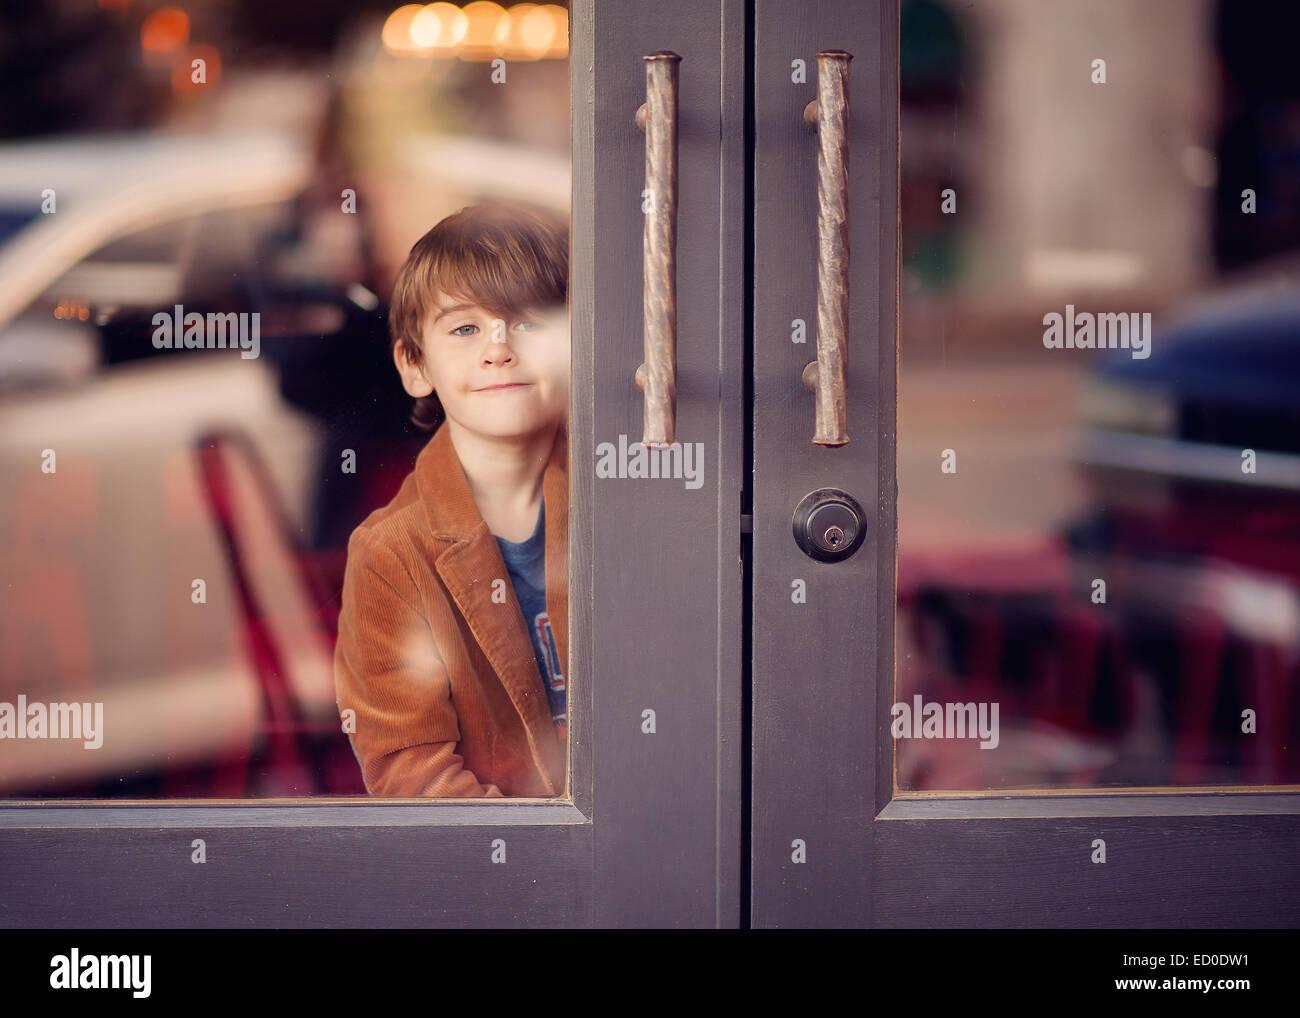 Junge auf der Suche durch Glastüren Stockbild